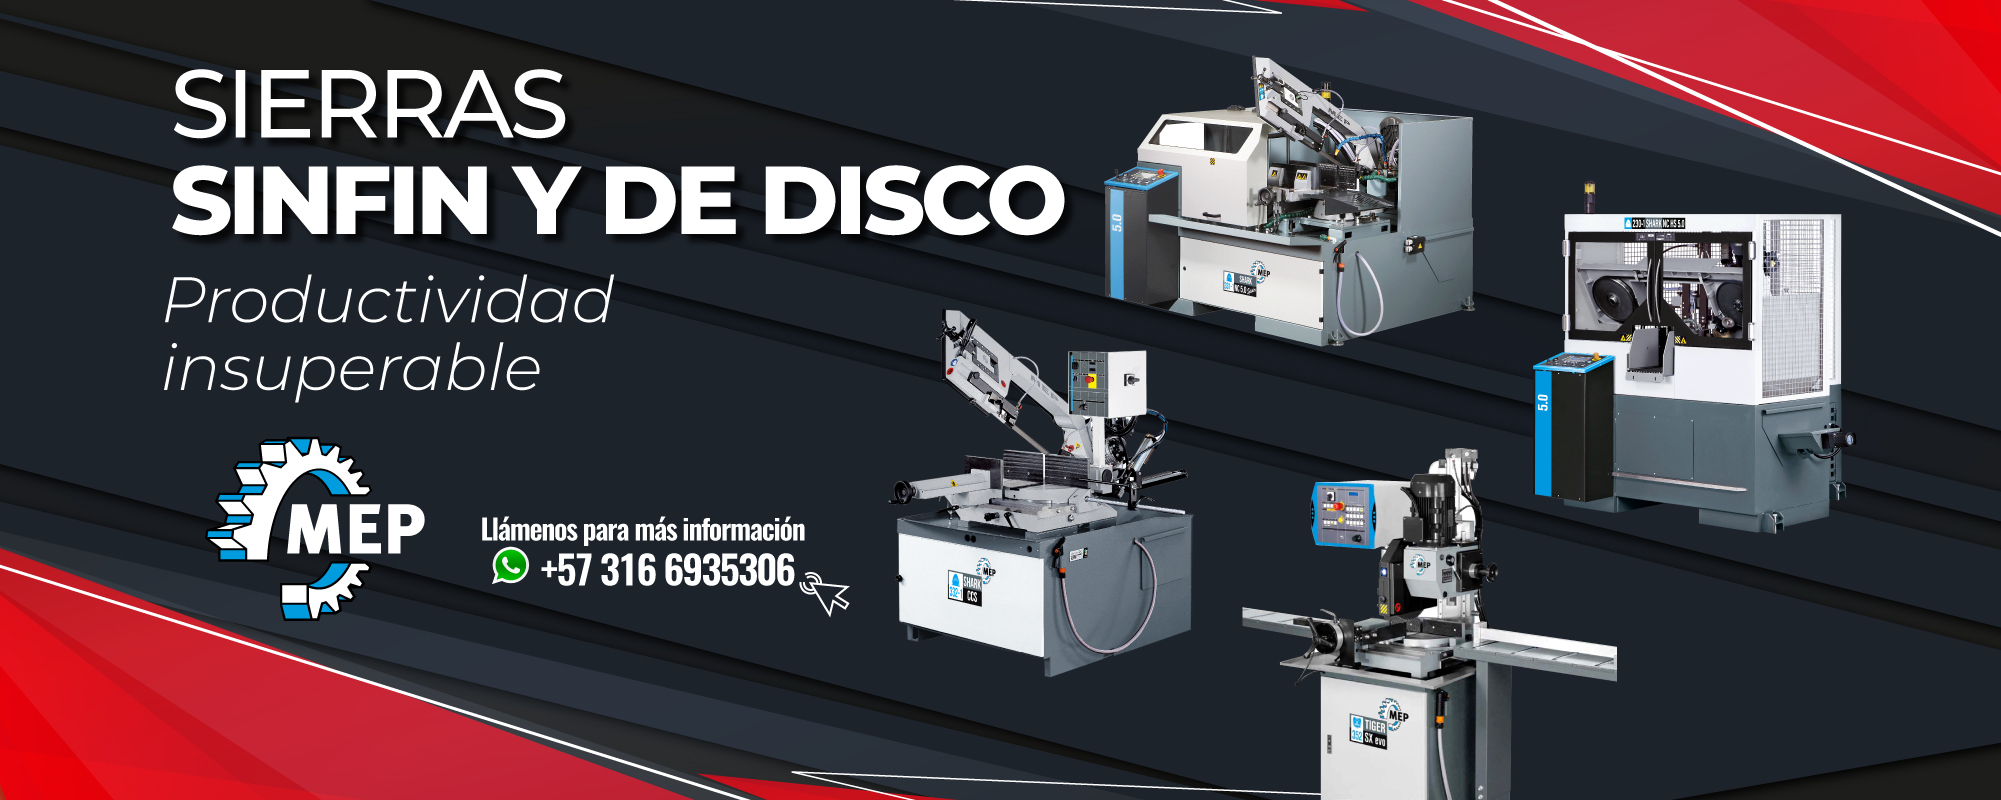 ofertas sierras de disco y de cinta imocom